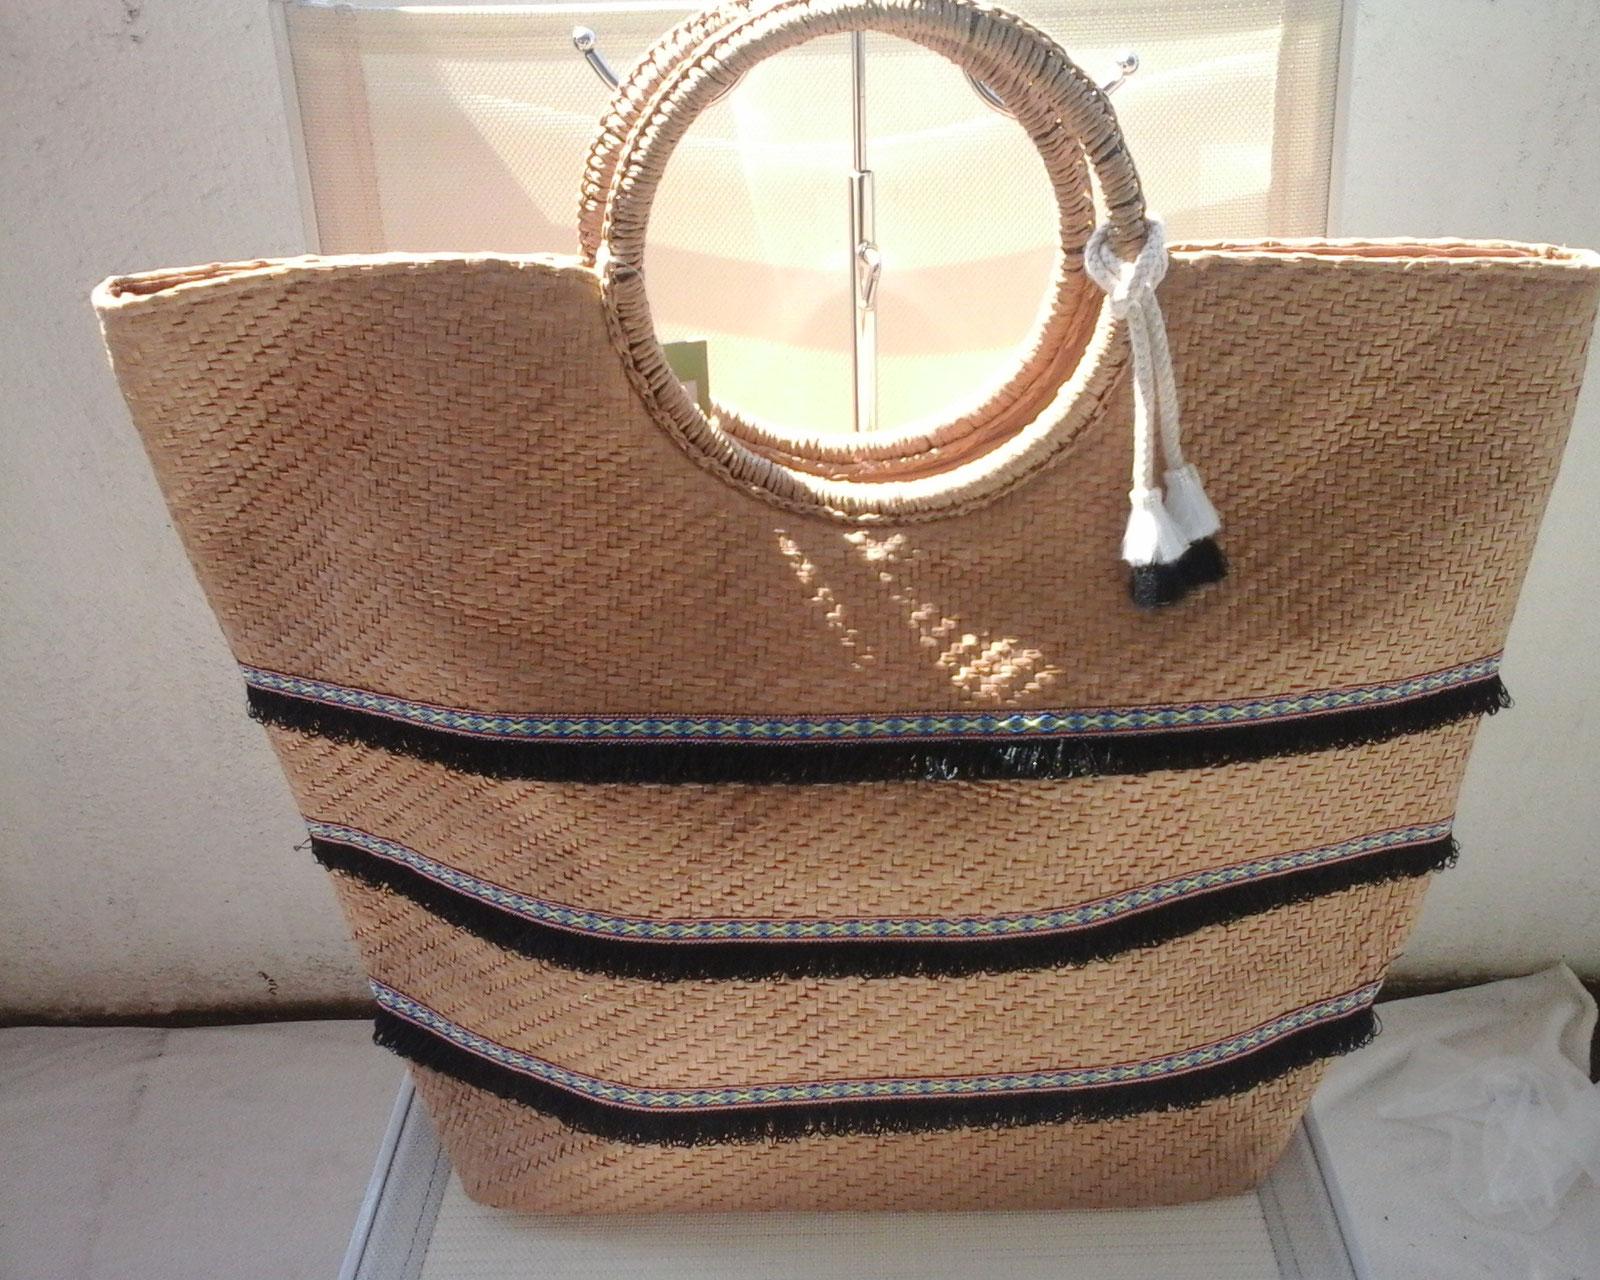 sacs plage mon accessoire tendance sacs originaux. Black Bedroom Furniture Sets. Home Design Ideas